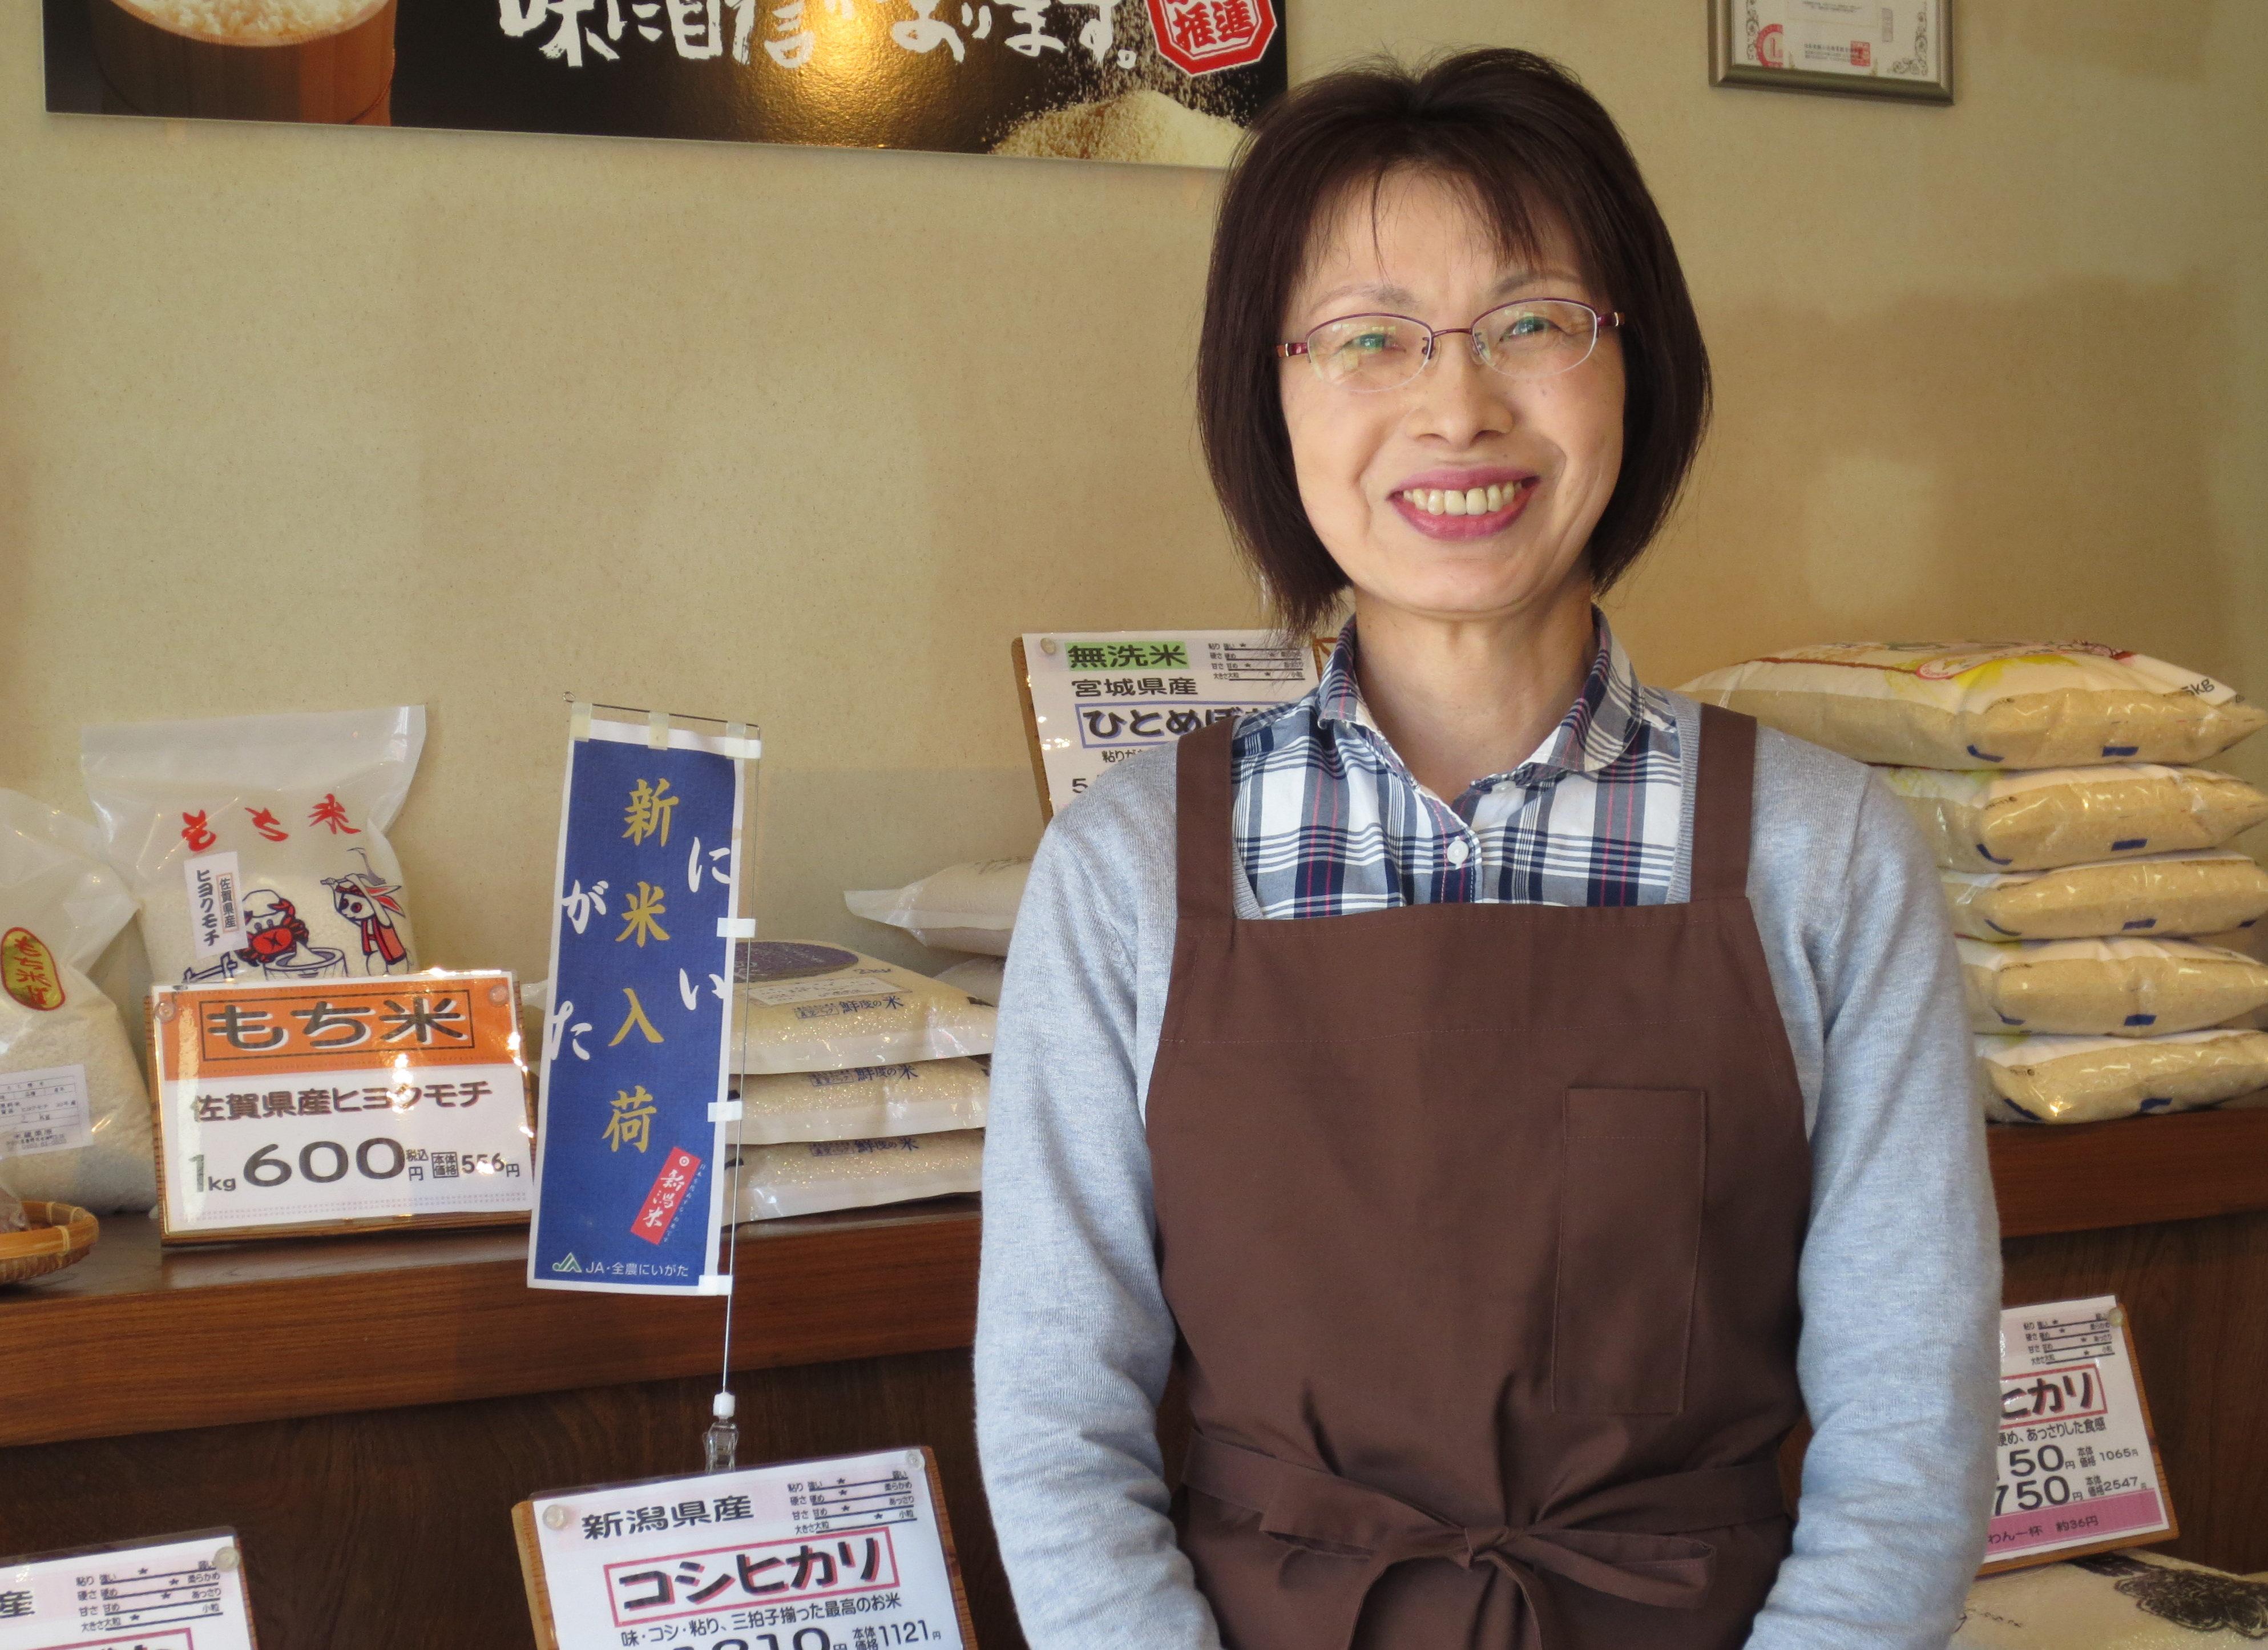 新鮮な米ぬかで、ぬか床作り@米蔵栗原(秦野市)